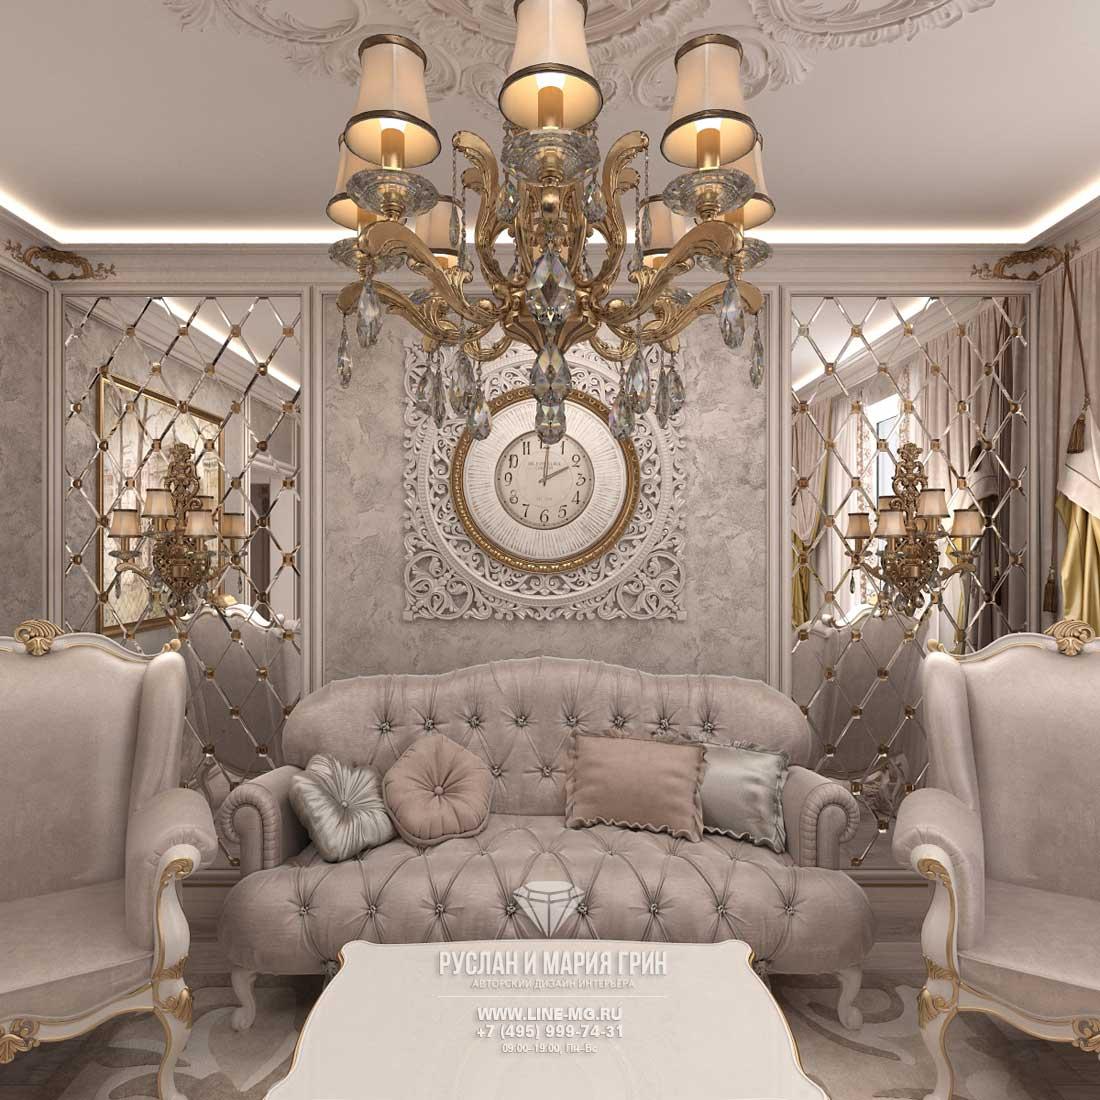 Дизайн интерьера гостиной, фото 2016